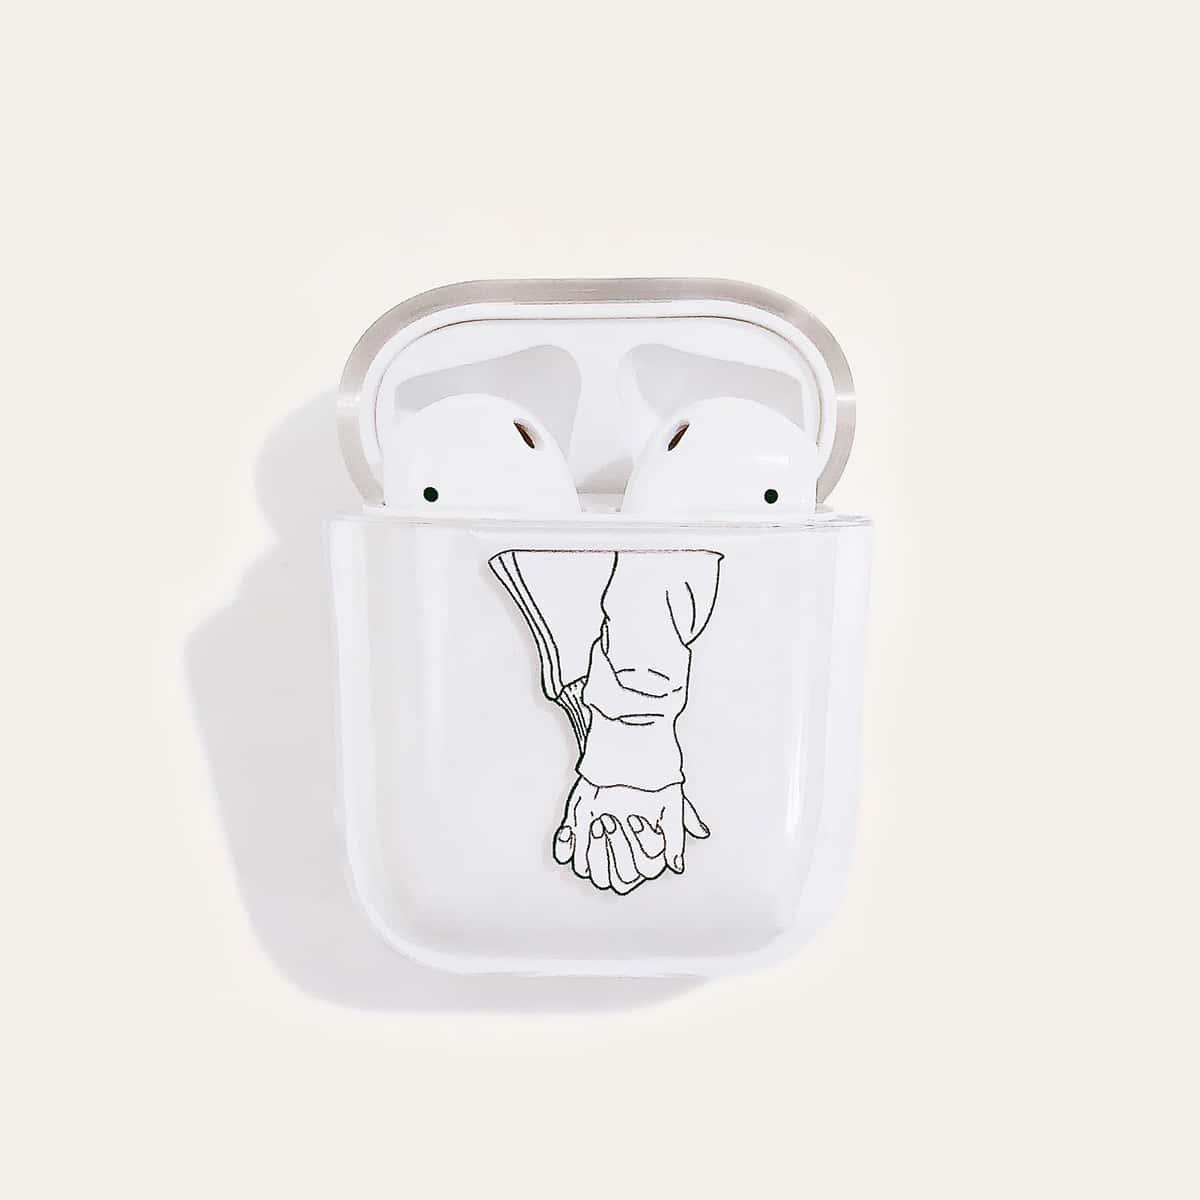 SHEIN / 1 Stück AirPods Schutzhülle mit Hand Muster